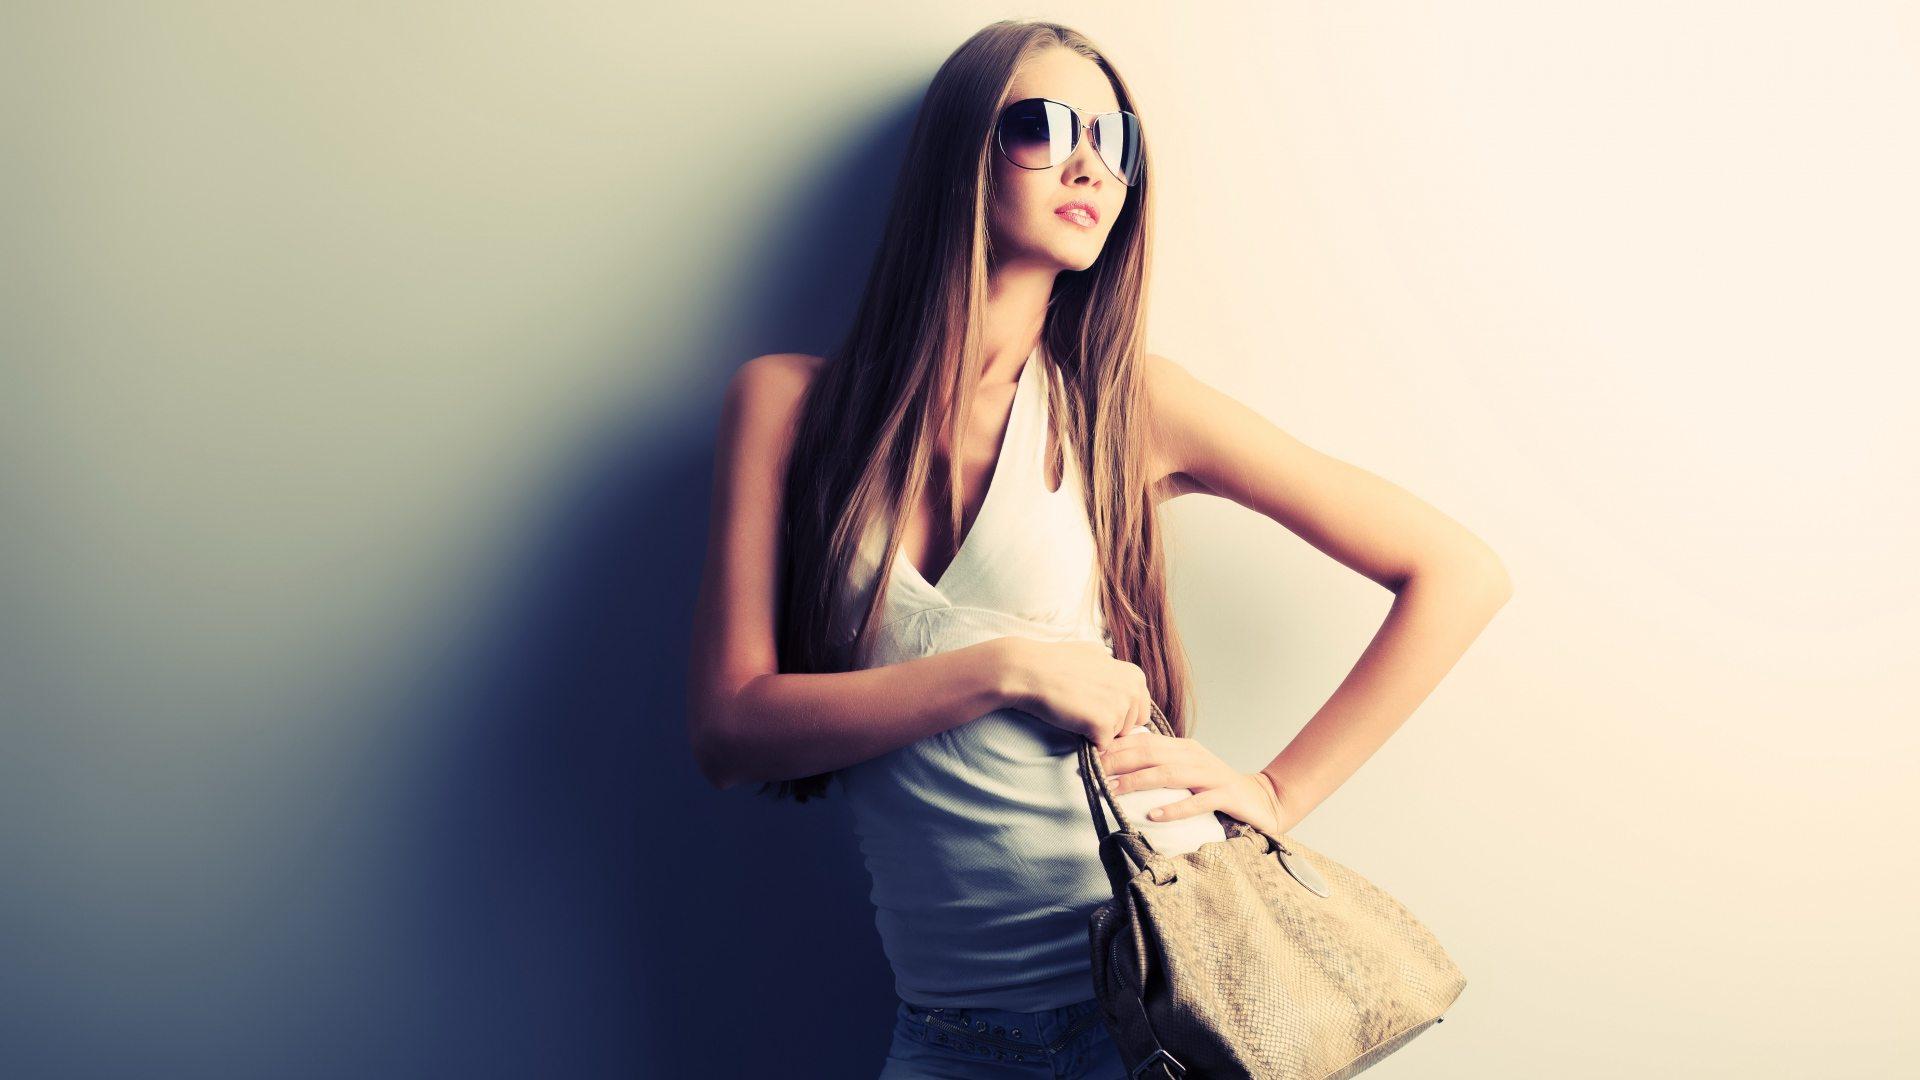 Bu Çanta Modellerini Biliyor muydunuz?